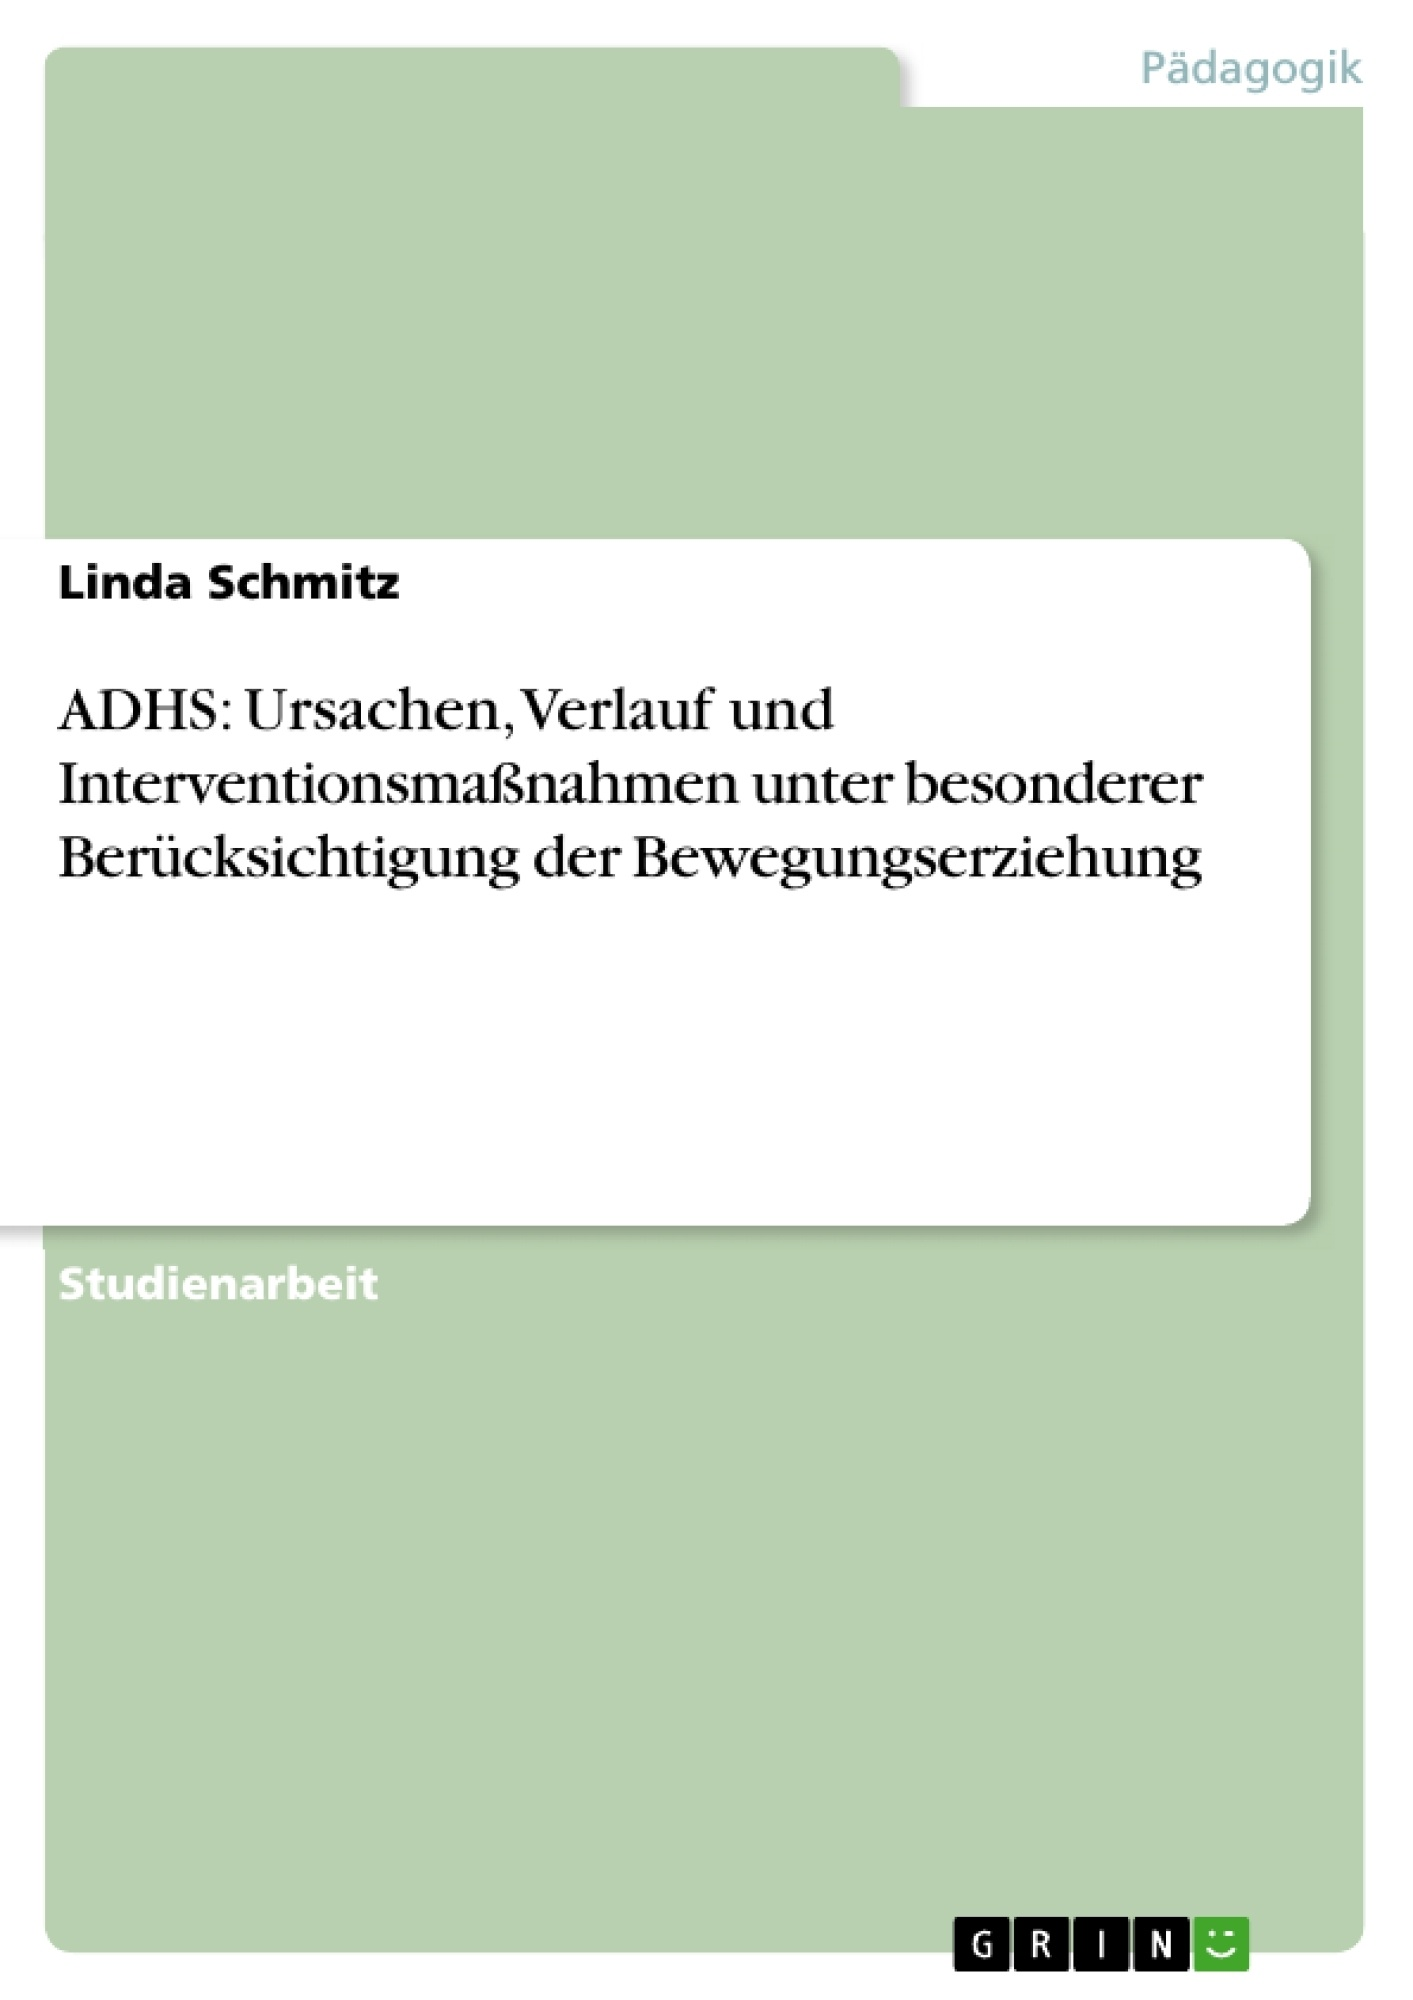 Titel: ADHS: Ursachen, Verlauf und Interventionsmaßnahmen unter besonderer Berücksichtigung der Bewegungserziehung